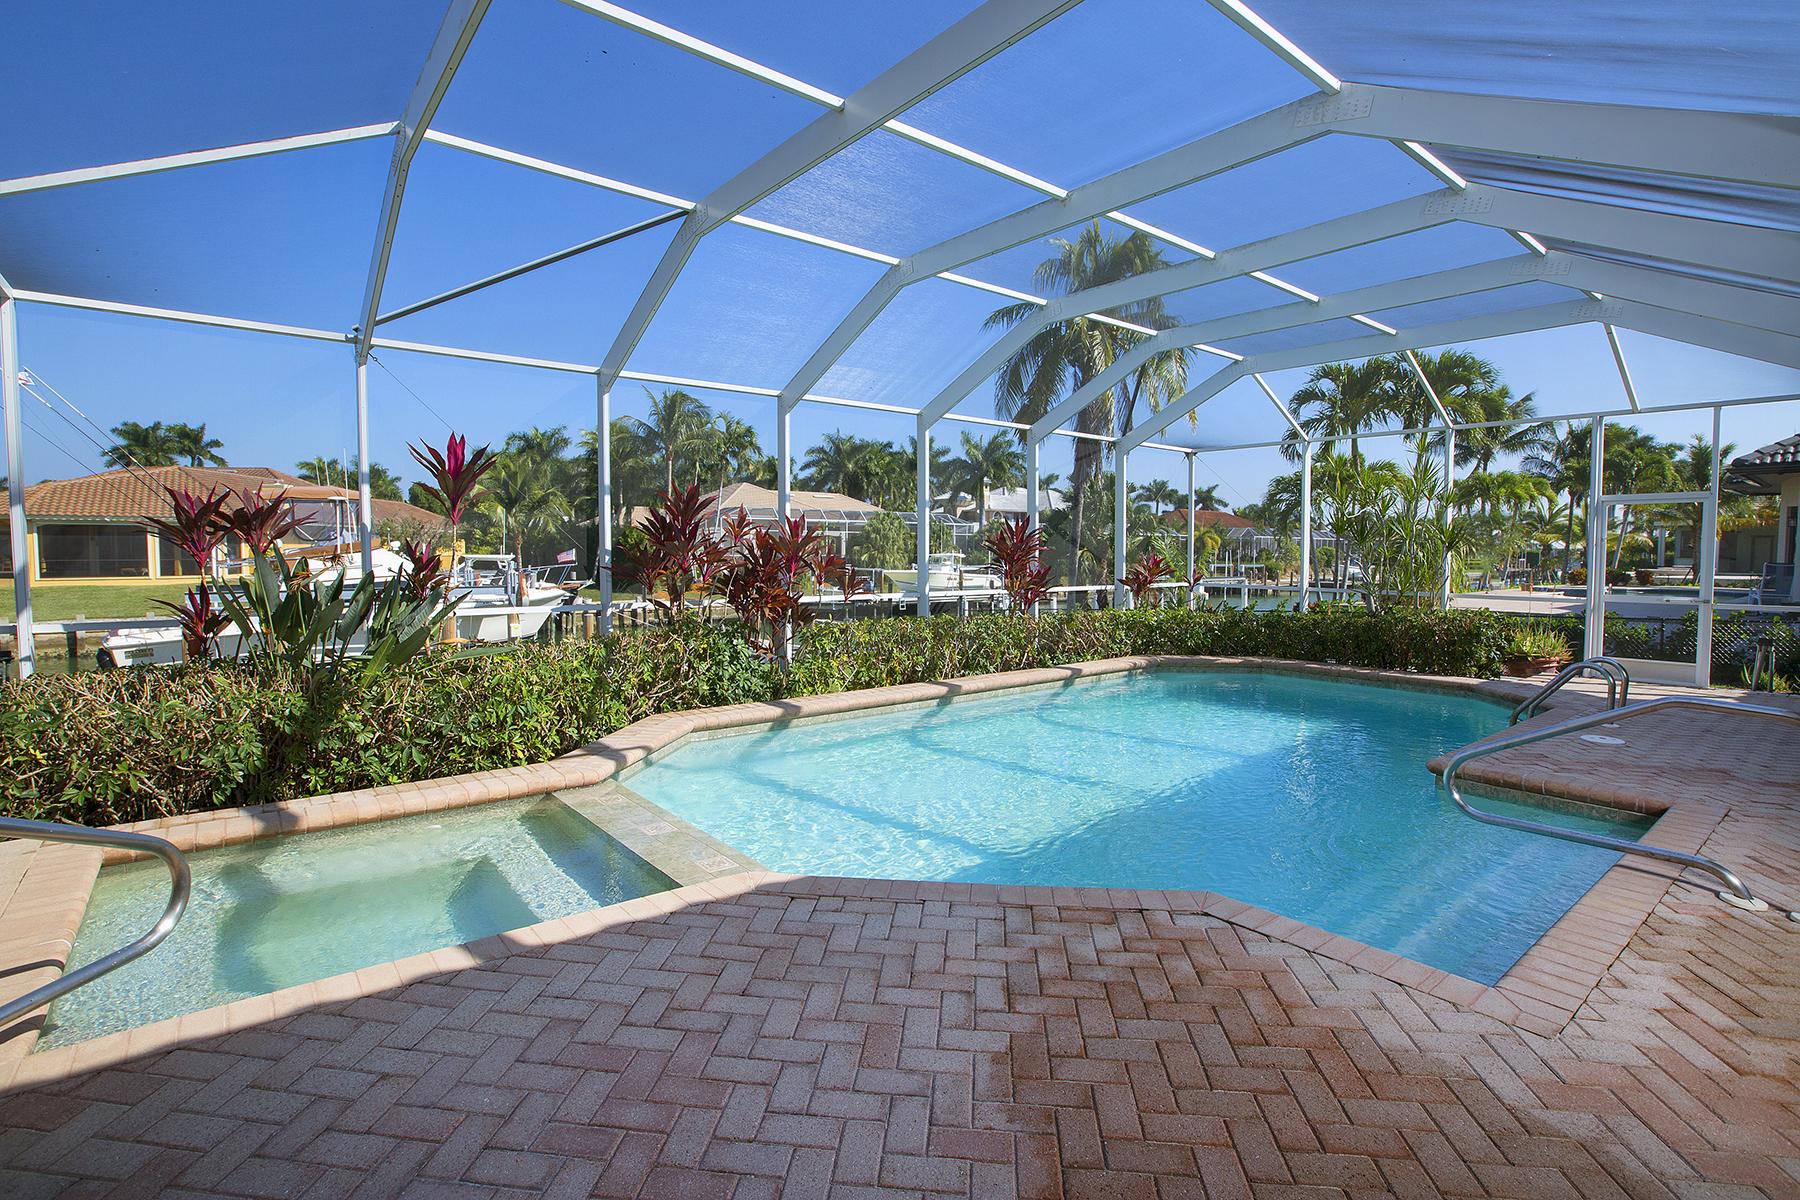 一戸建て のために 売買 アット MARCO ISLAND - CAXAMBAS CT. 1540 Caxambas Ct Marco Island, フロリダ, 34145 アメリカ合衆国